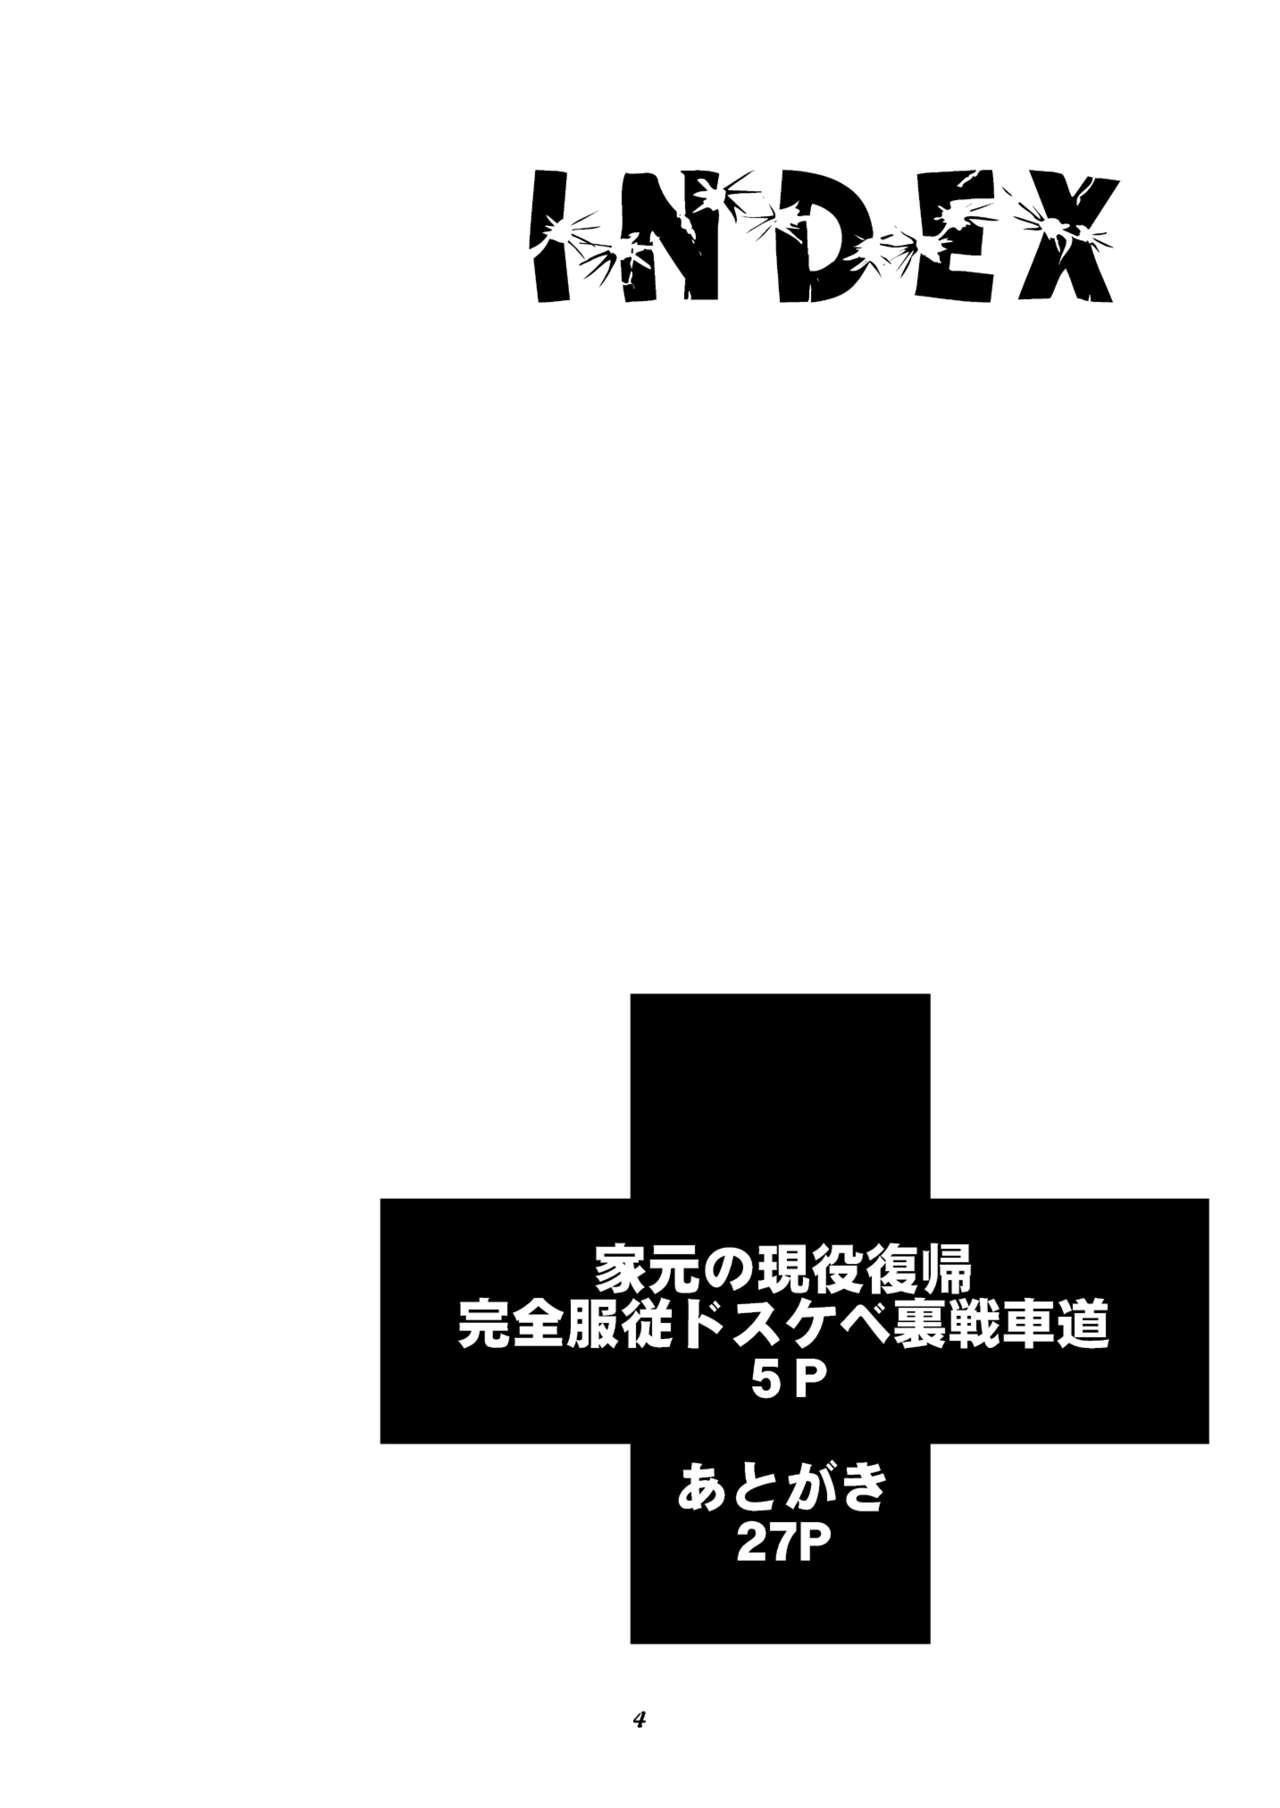 Iemoto no Geneki Fukki Kanzen Fukujuu Dosukebe Ura Senshadou 3